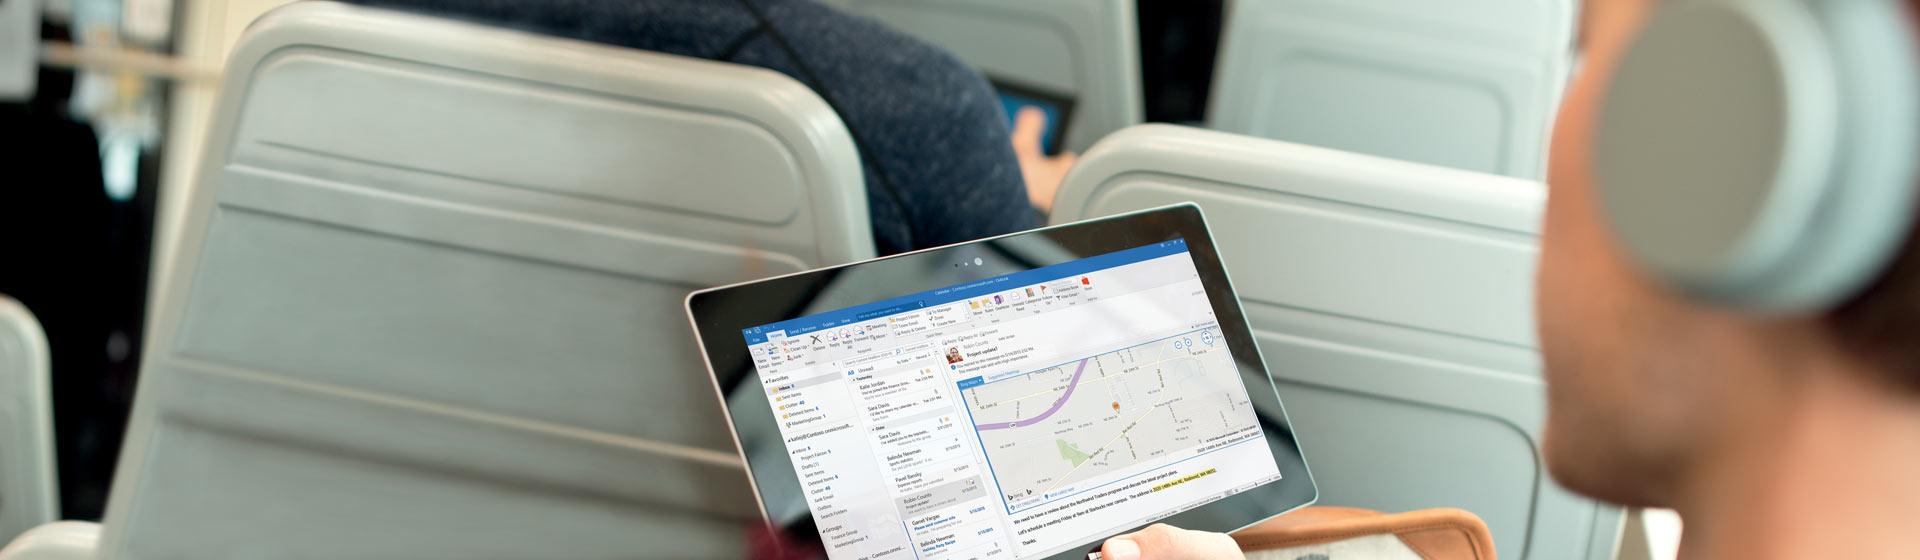 Uomo con un tablet in mano che visualizza la sua posta in arrivo in Office 365